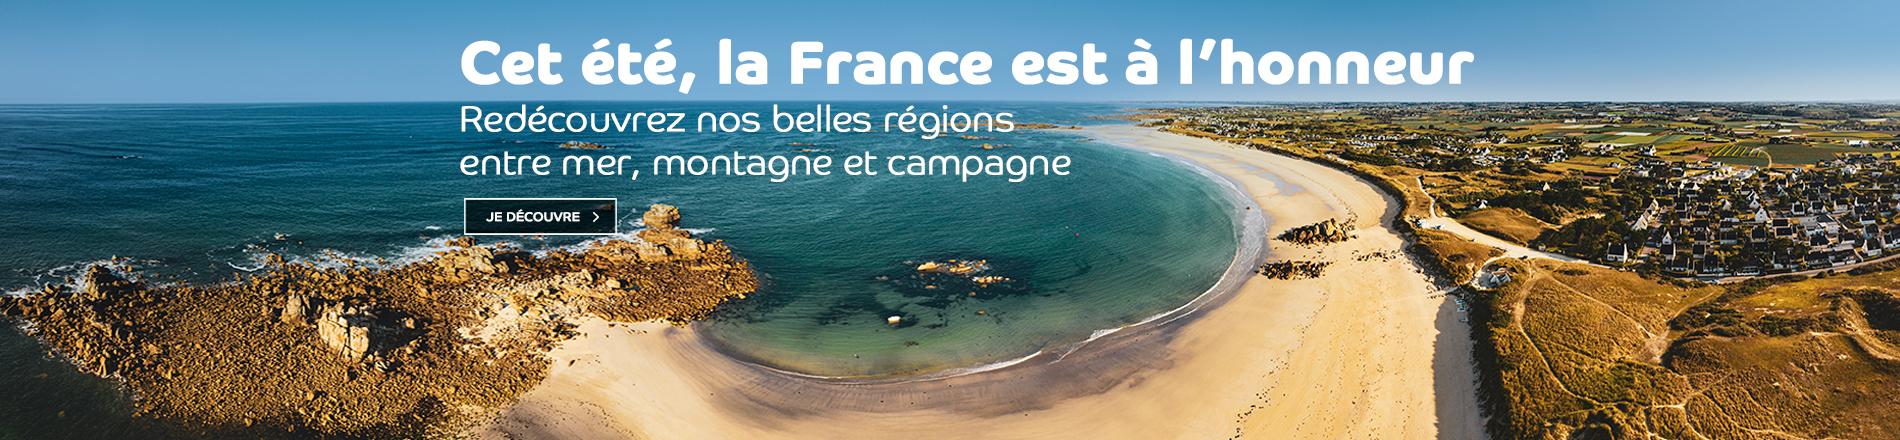 La France et ses plus belles régions